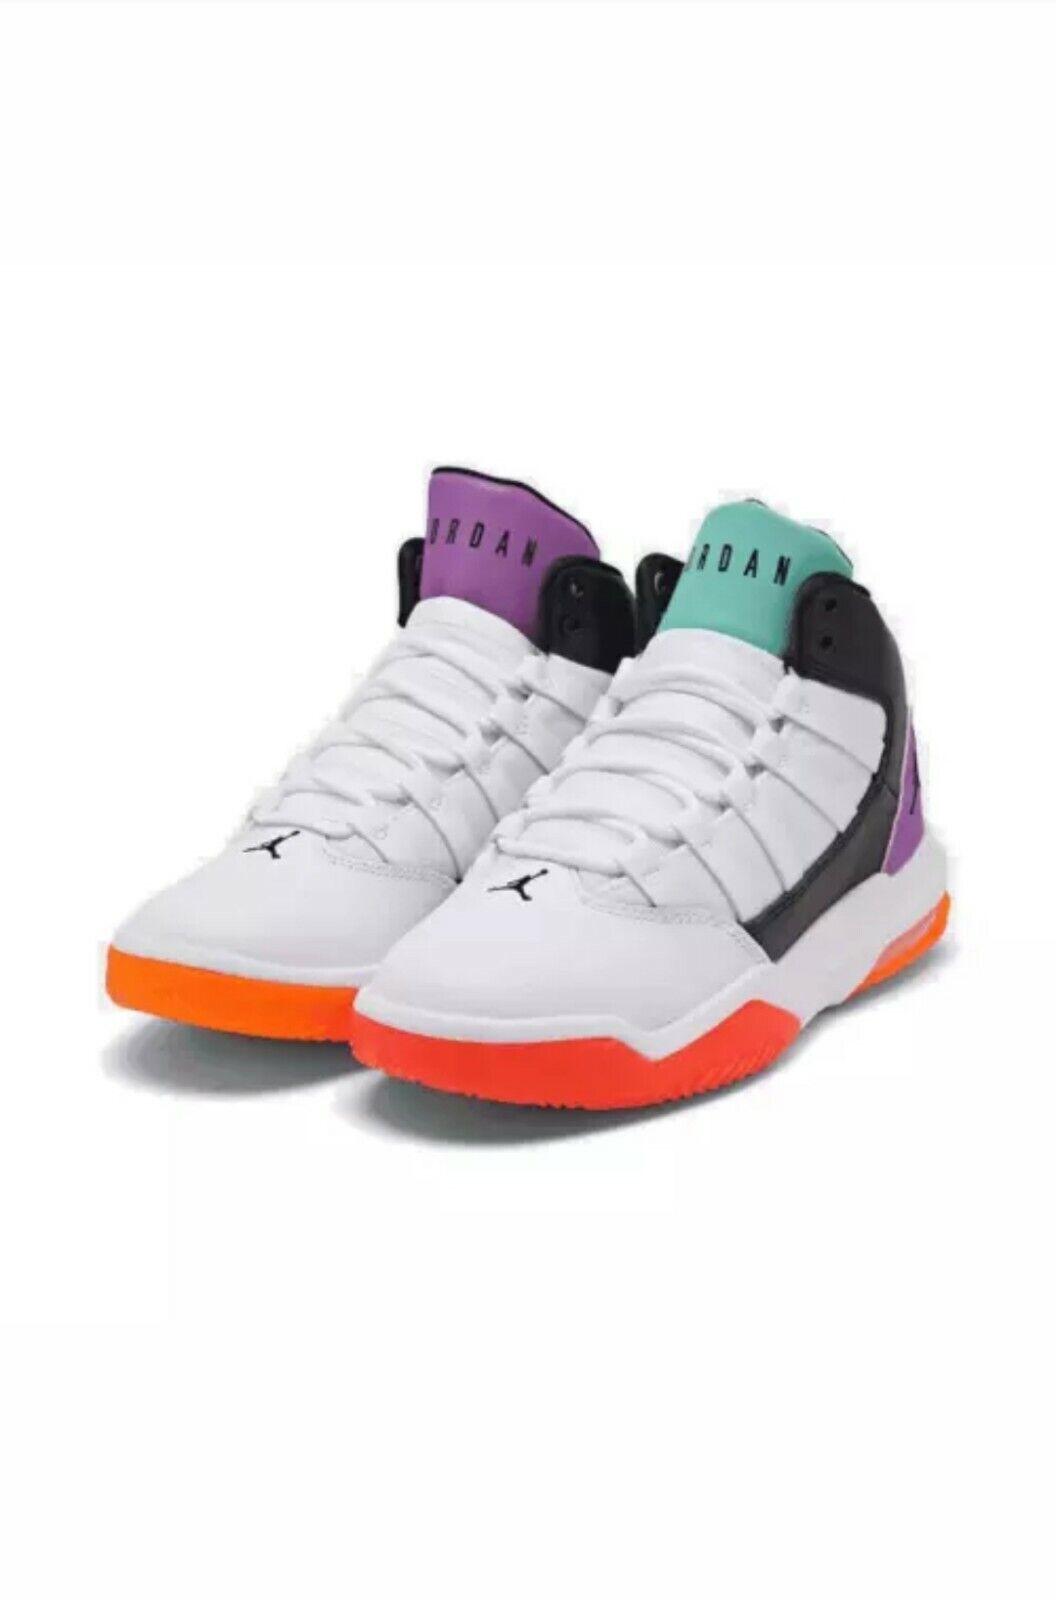 Scarpe Nike Jordan Max Aura (gs) Taglia 36.5 Aq9249 060